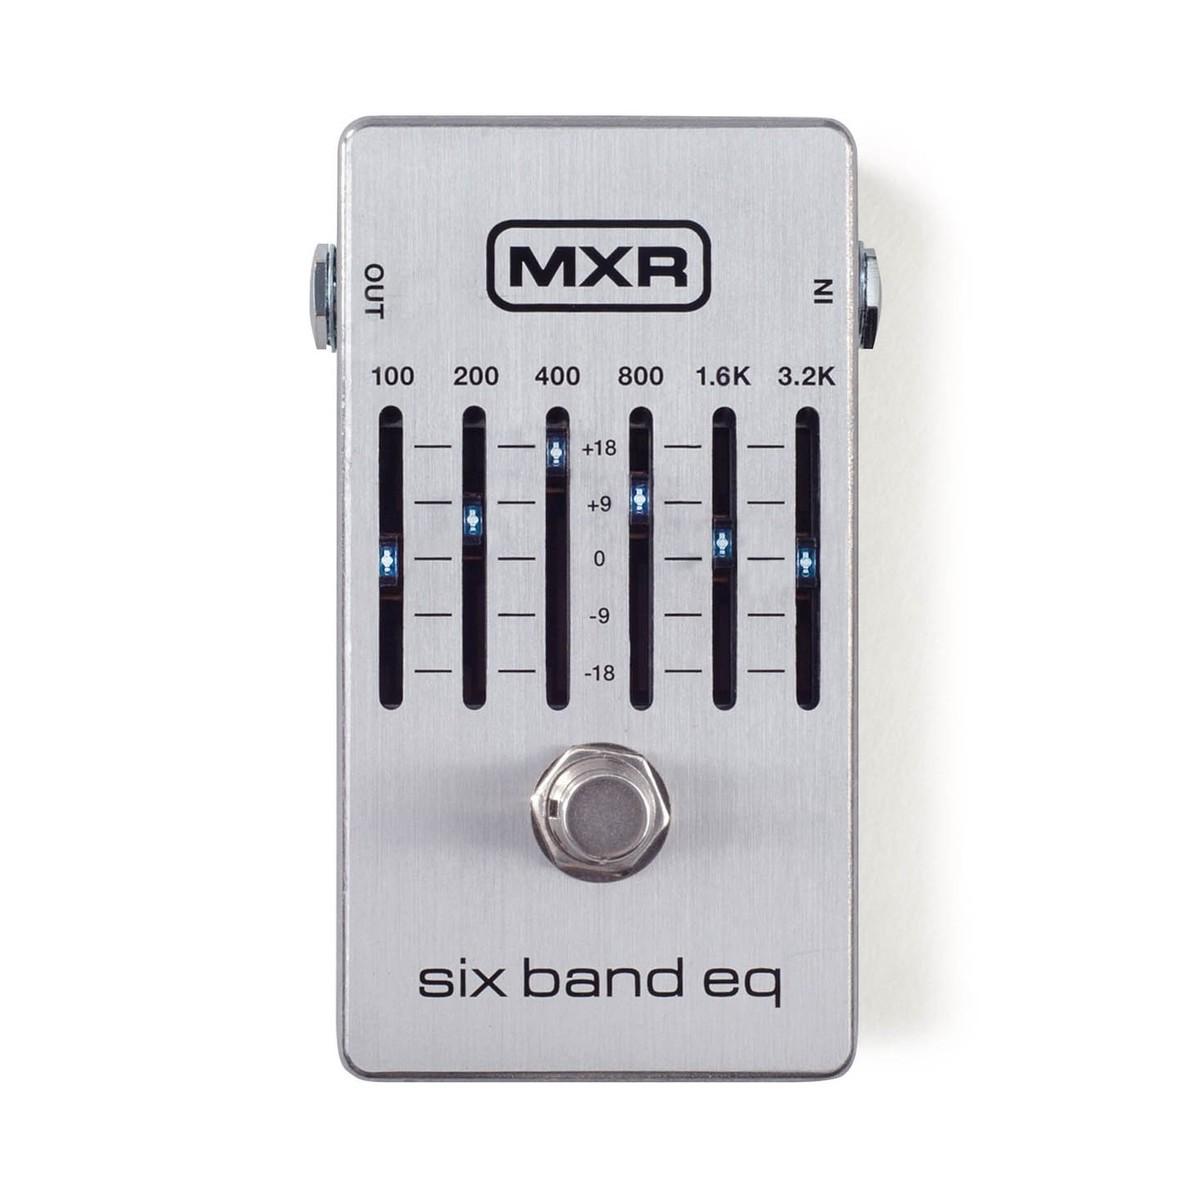 Mxr 6 Band Eq Silver At Gear4musiccom 3 Equalizer Control